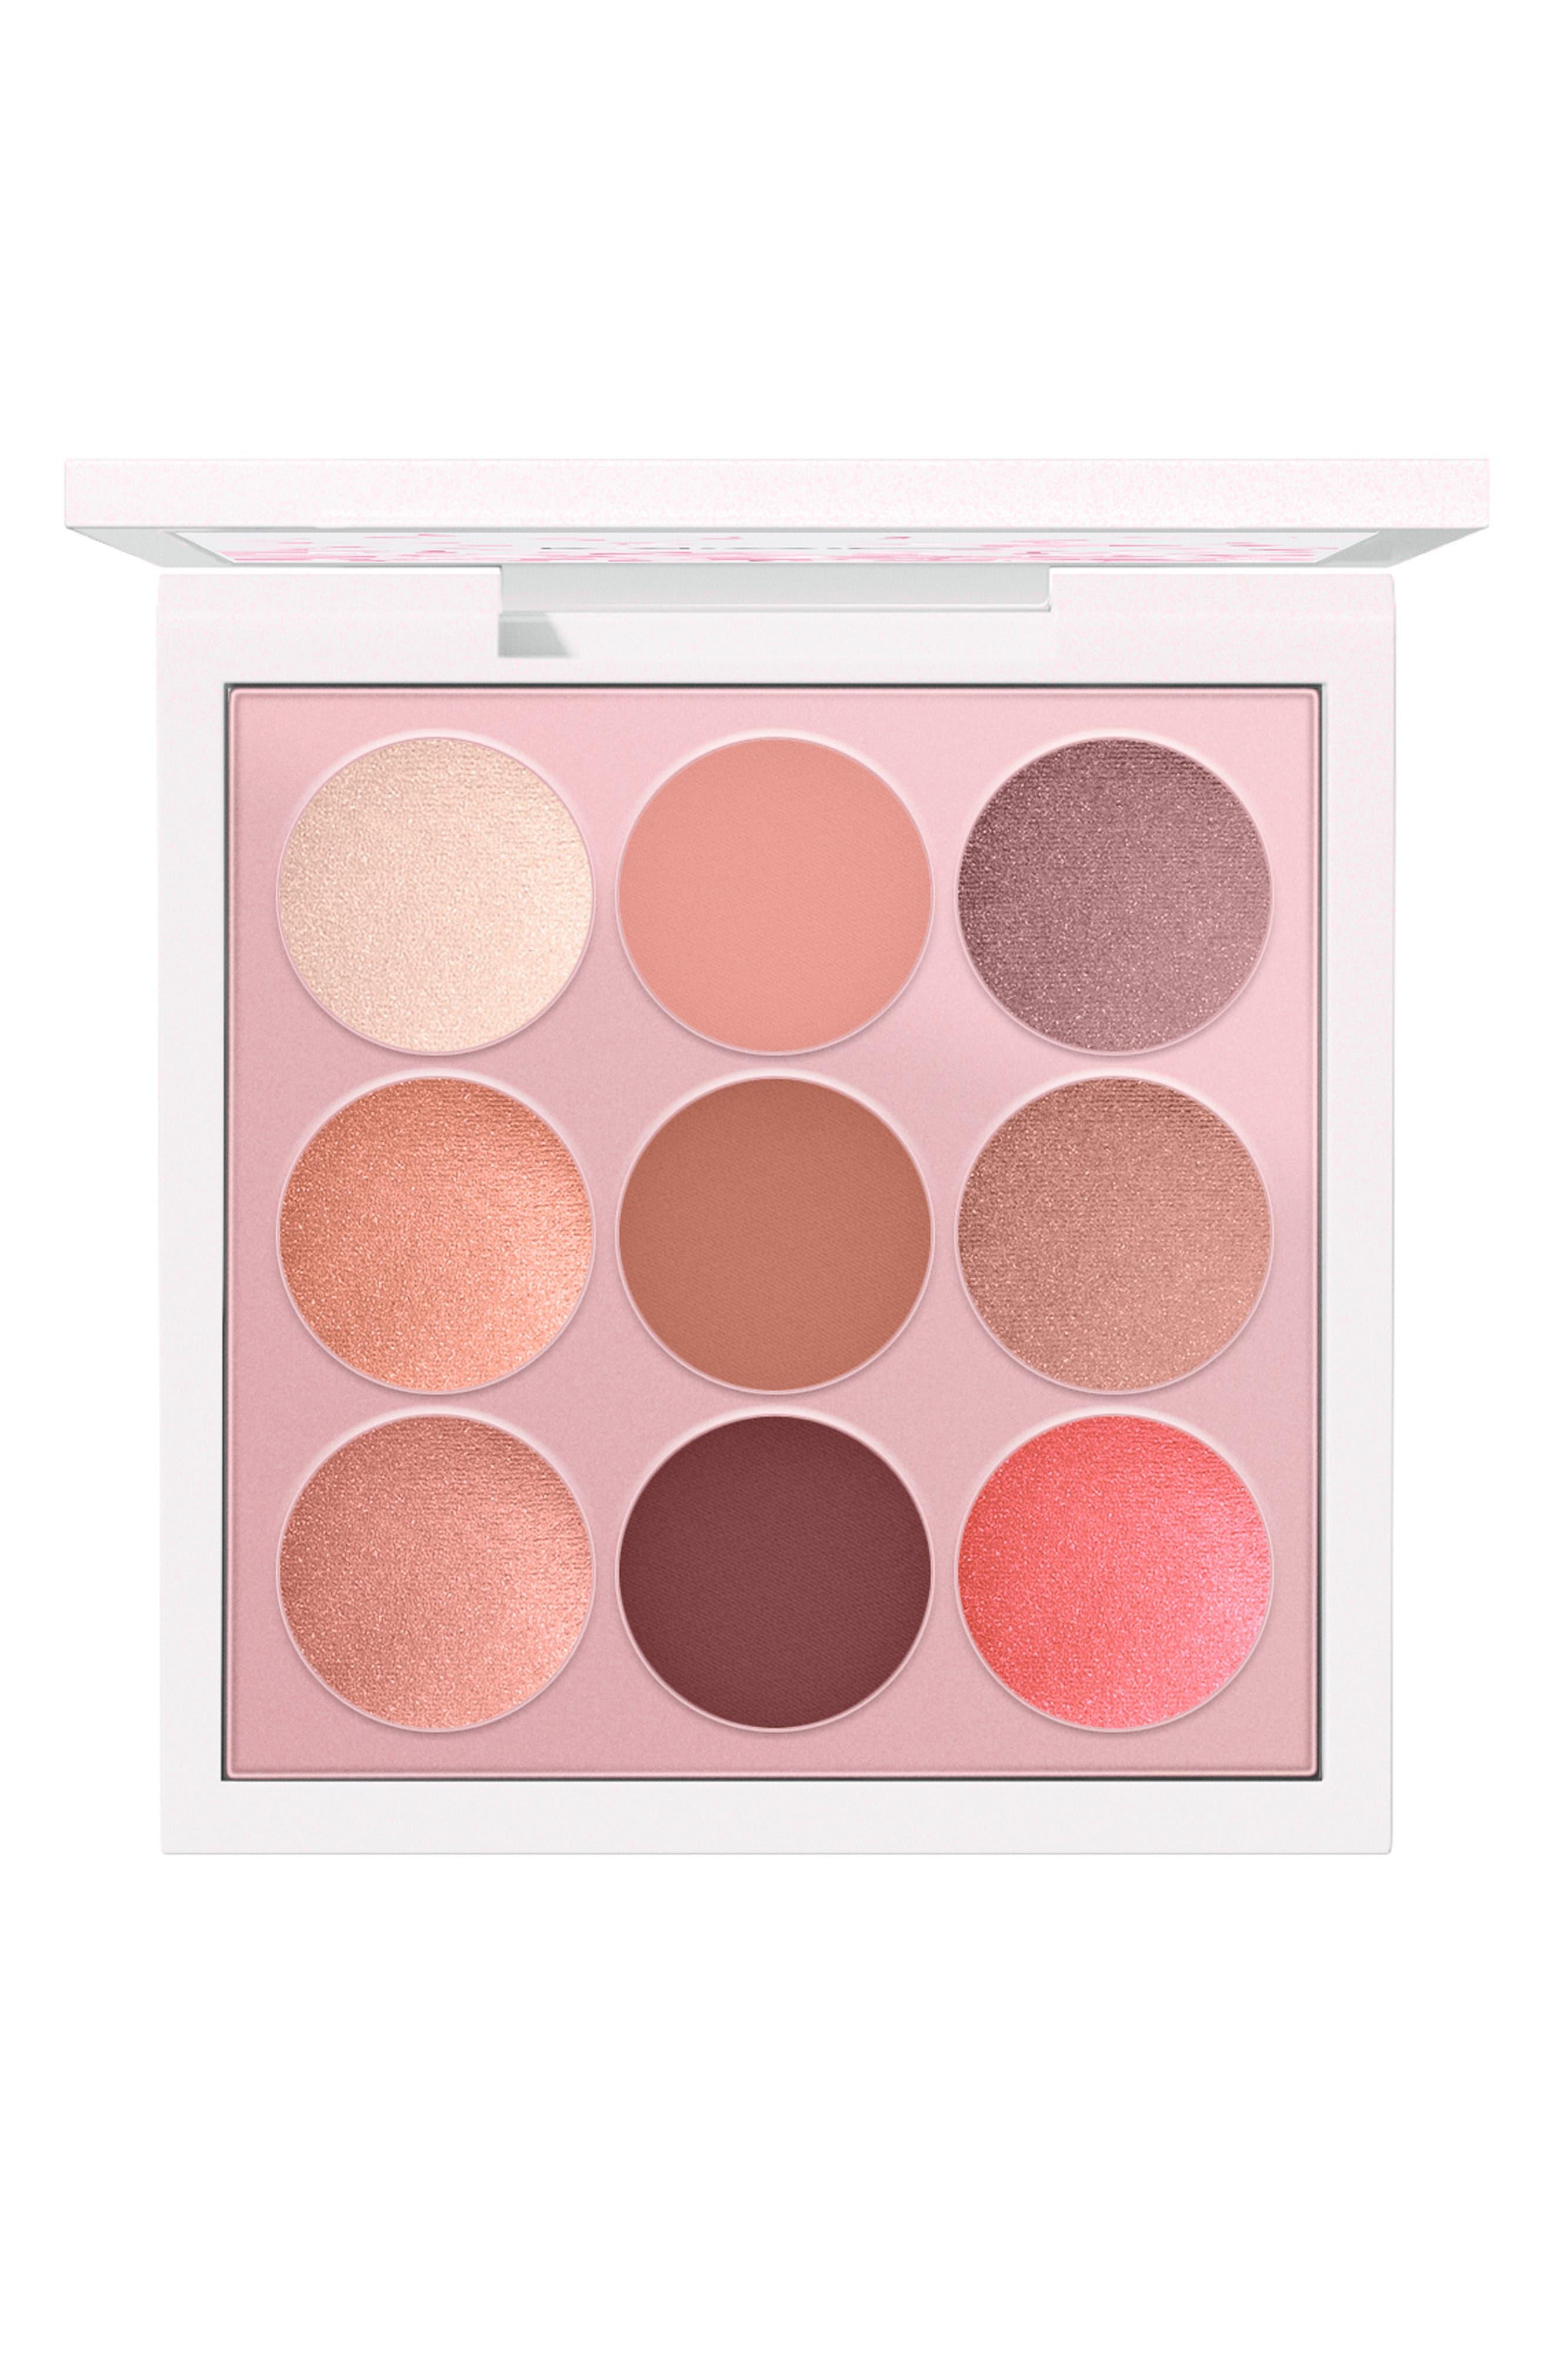 MAC COSMETICS, MAC Boom, Boom, Bloom Kabuki Doll Eyeshadow Palette, Main thumbnail 1, color, 000